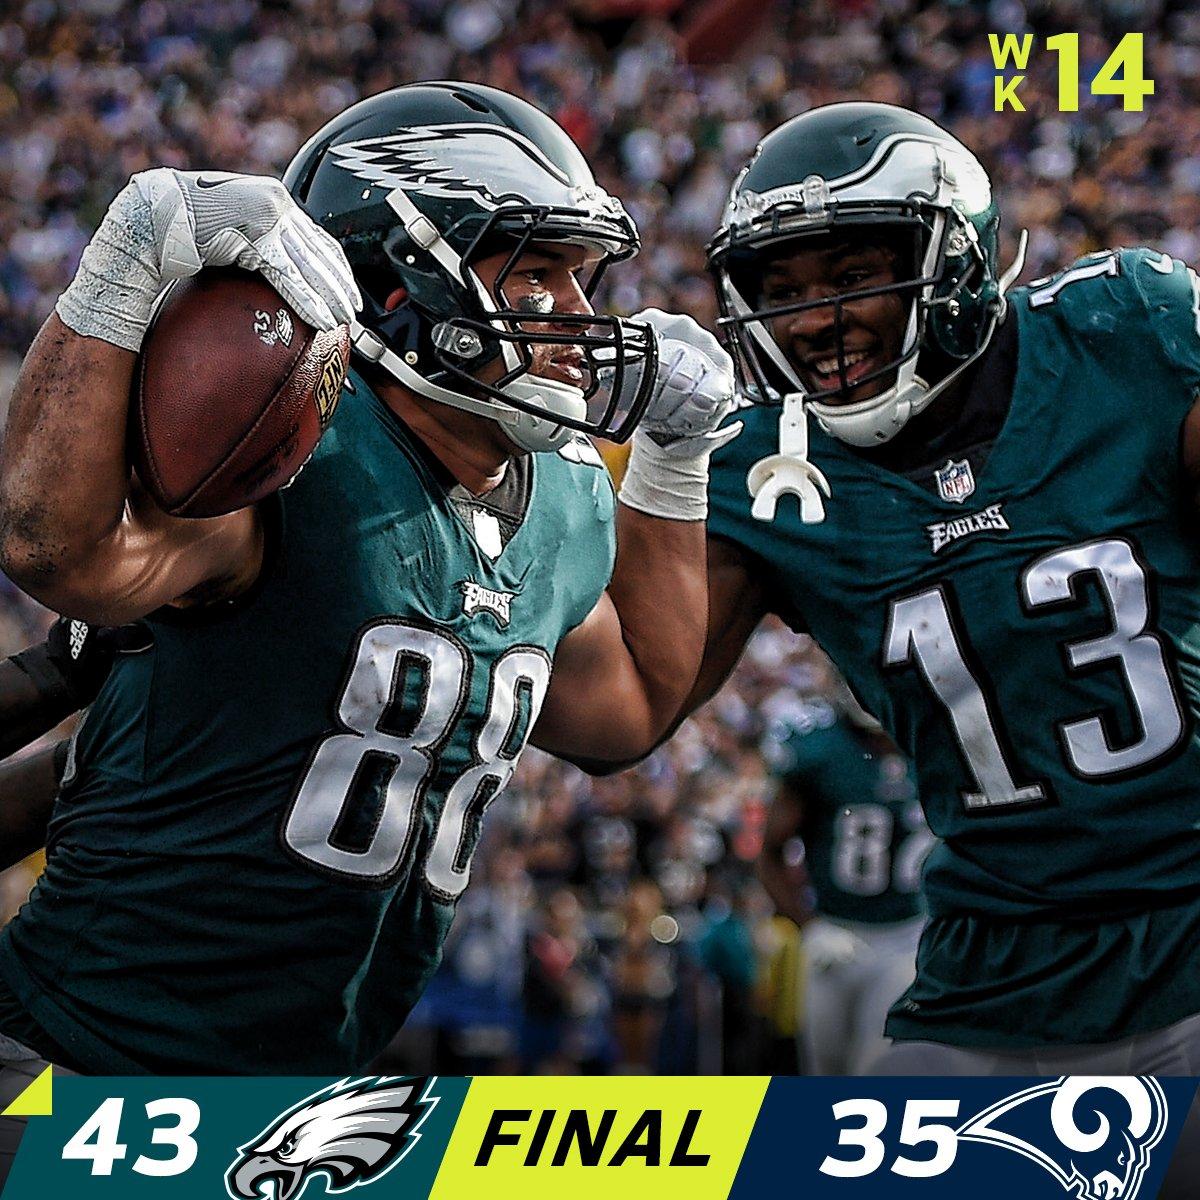 FINAL: The @Eagles WIN in LA! #FlyEaglesFly  #PHIvsLAR https://t.co/O6Jzfgw73X